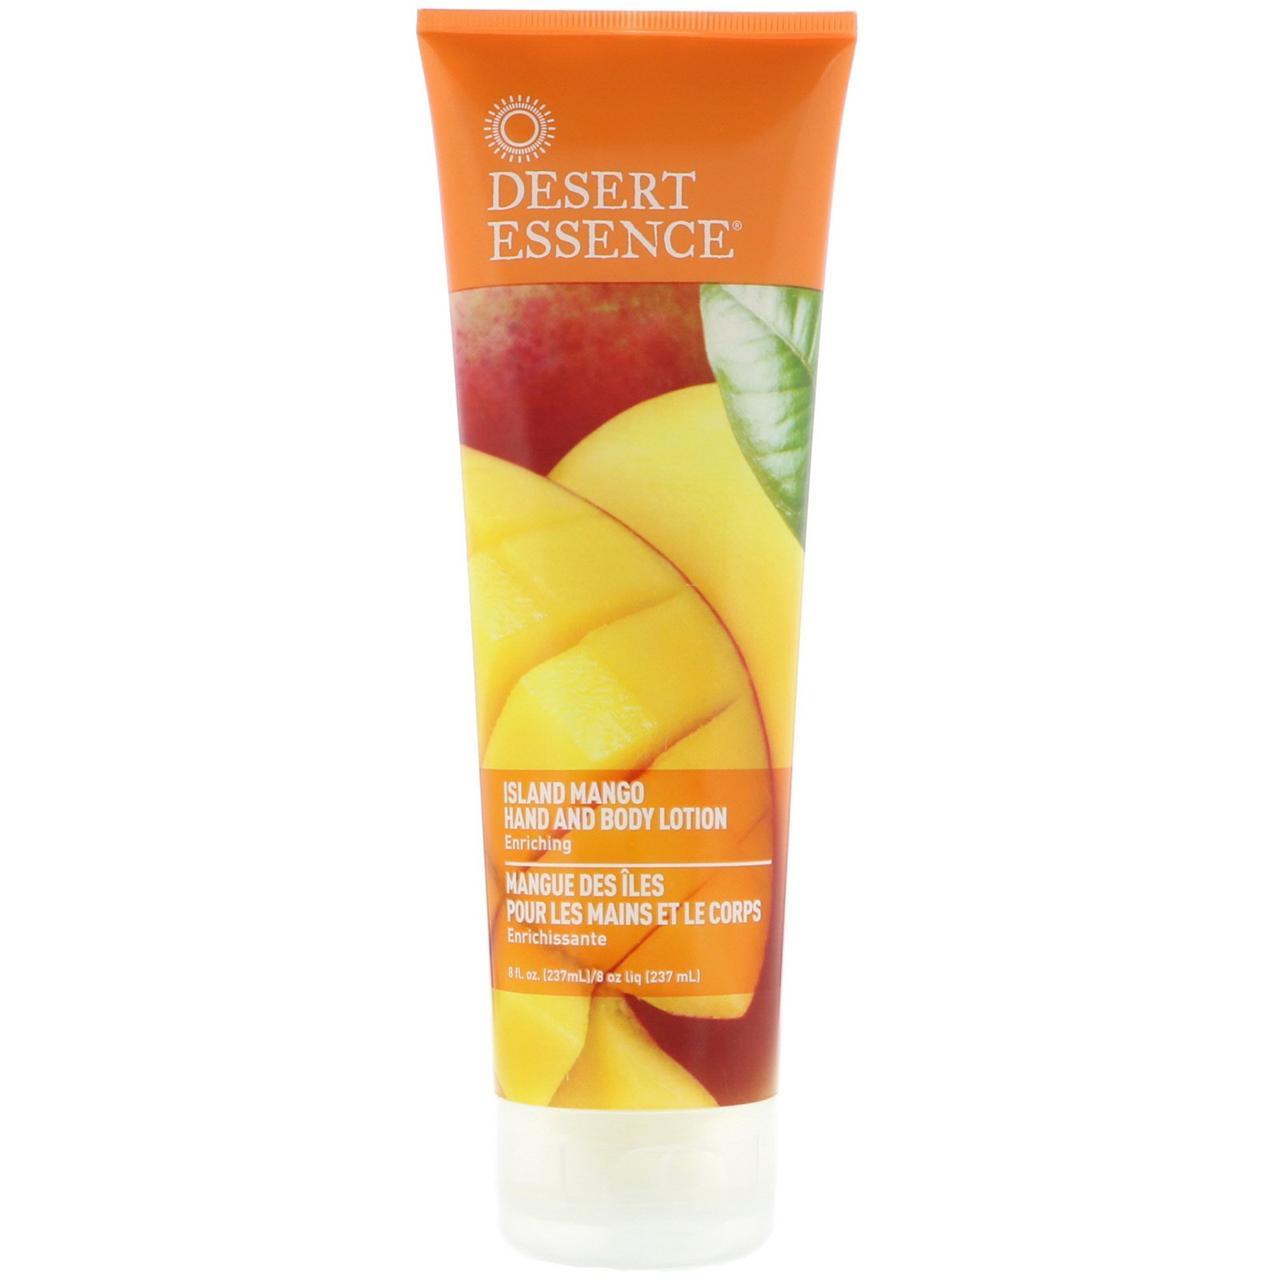 Лосьон для рук и тела (манго), Desert Essence, 237 мл